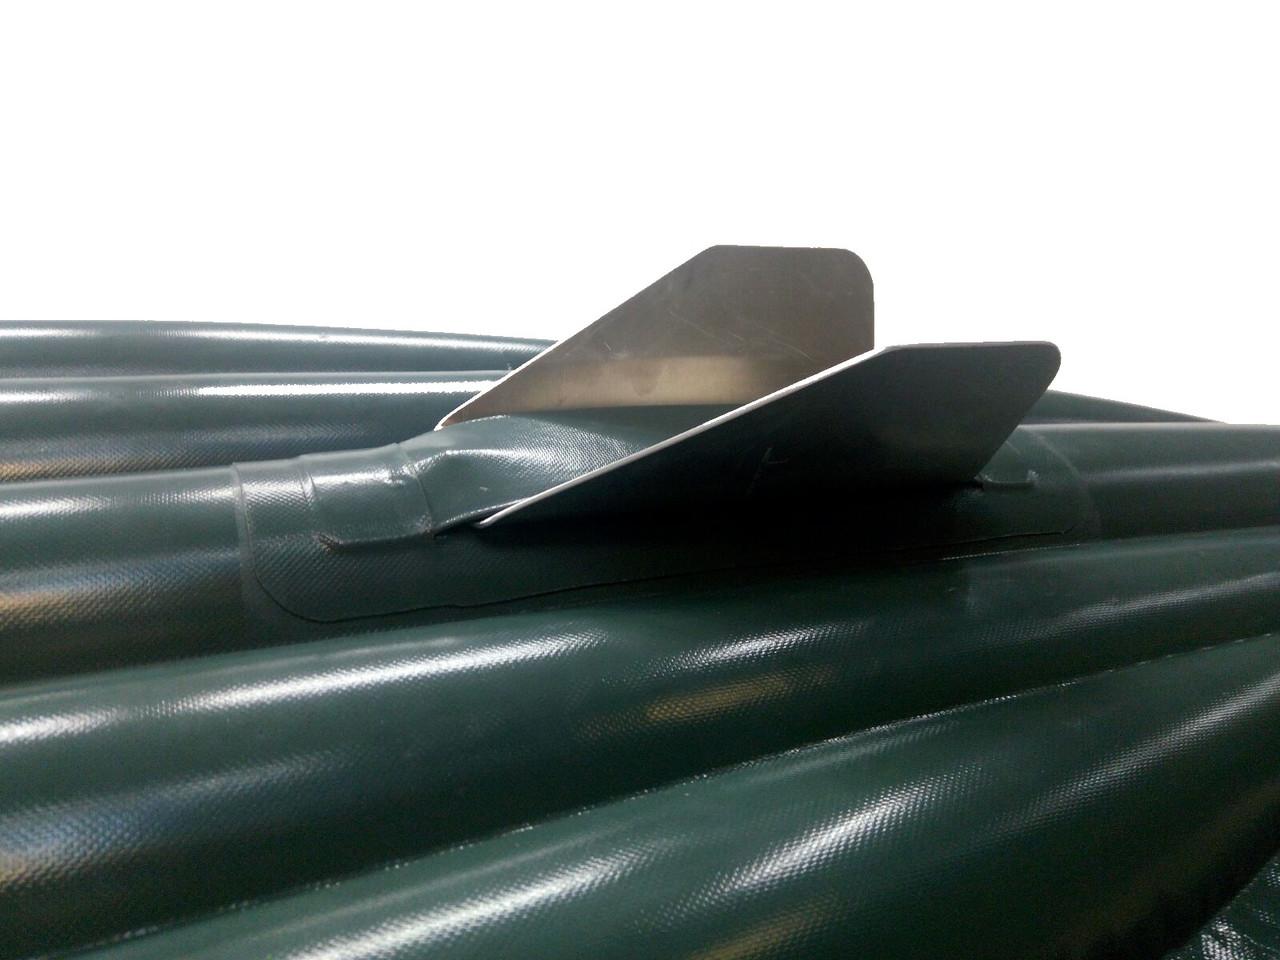 Перо (скег, курсовой стабилизатор, киль) для байдарки